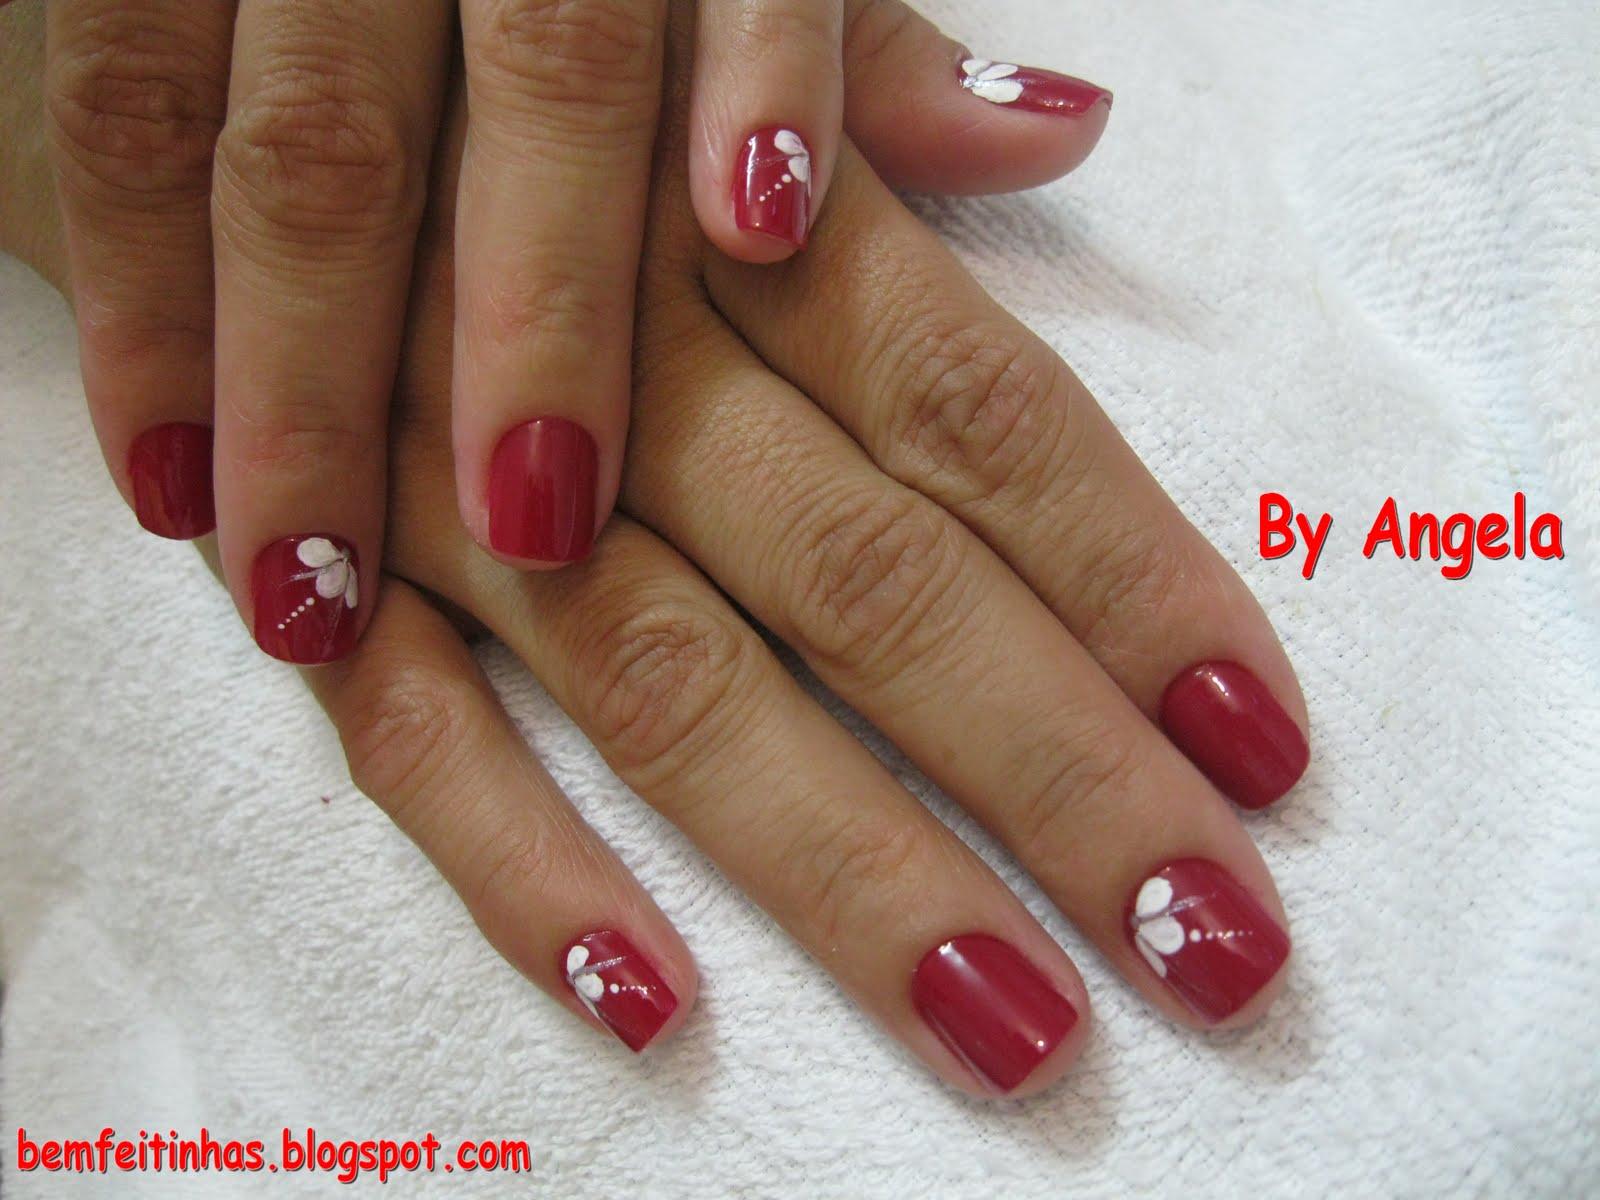 decoracao em unha branca:Bem Feitinhas: Decoração Branca em unha vermelha